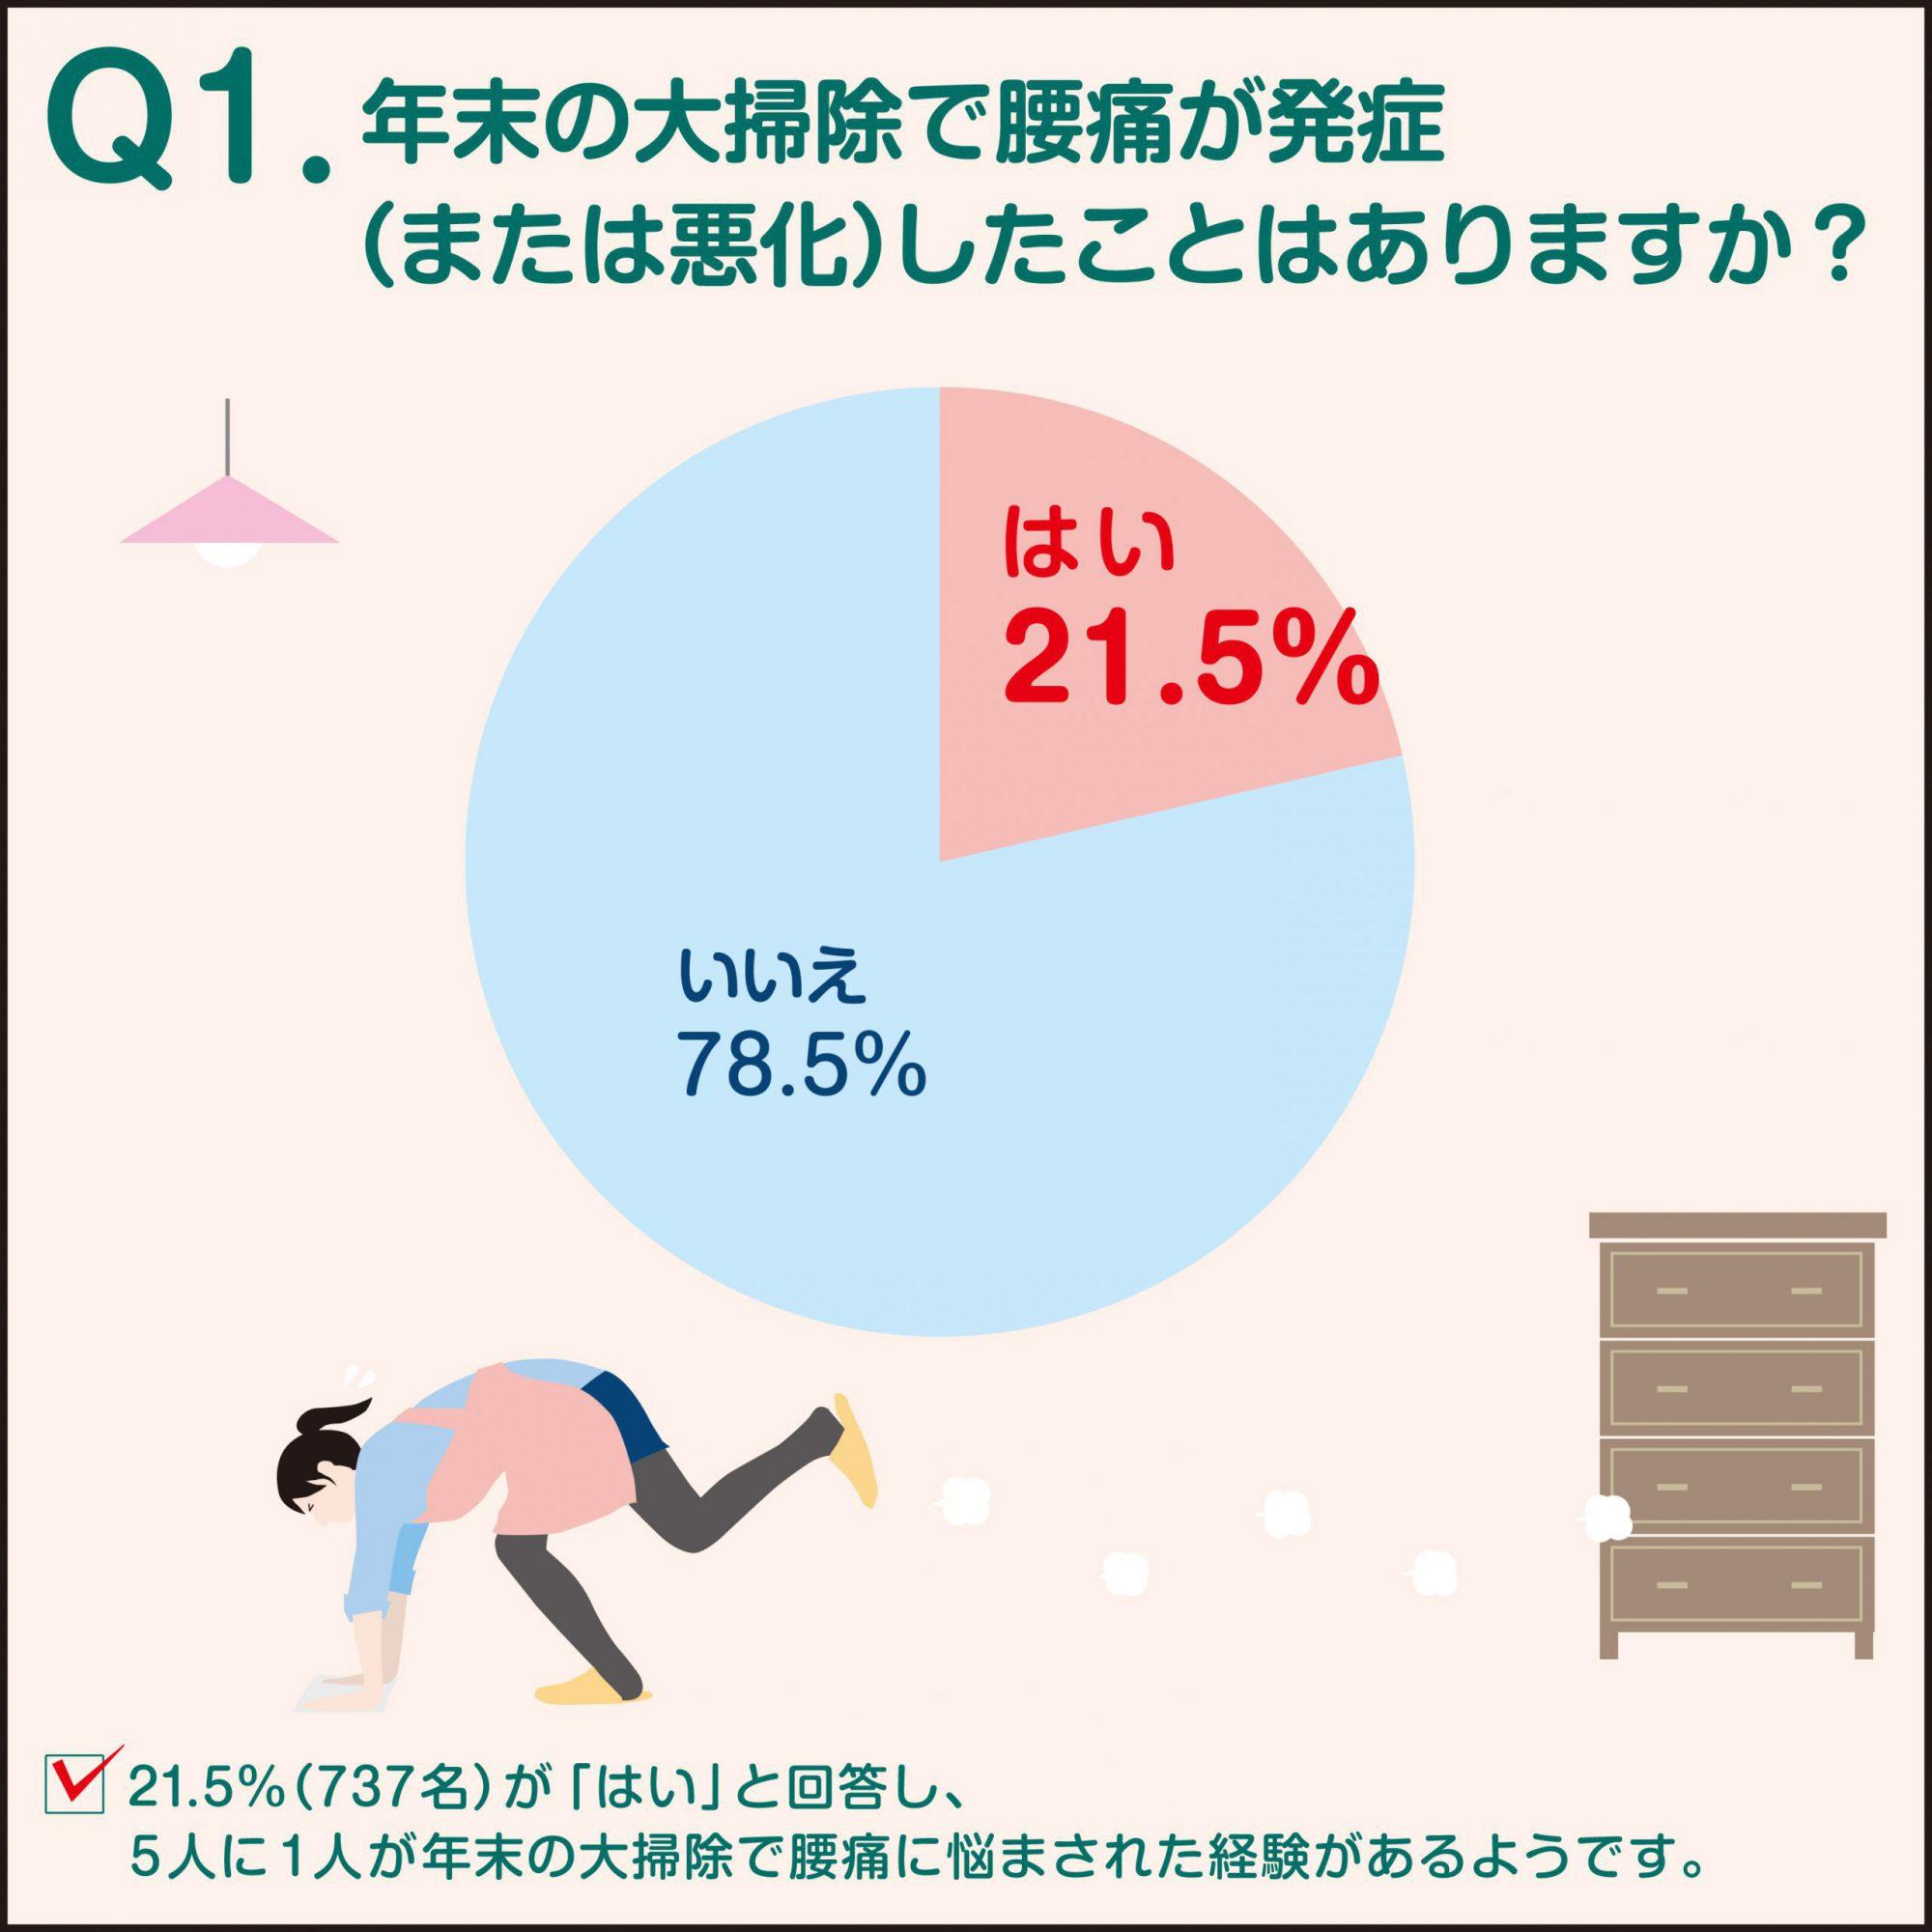 %e3%83%95%e3%82%9a%e3%83%aa%e3%83%b3%e3%83%88